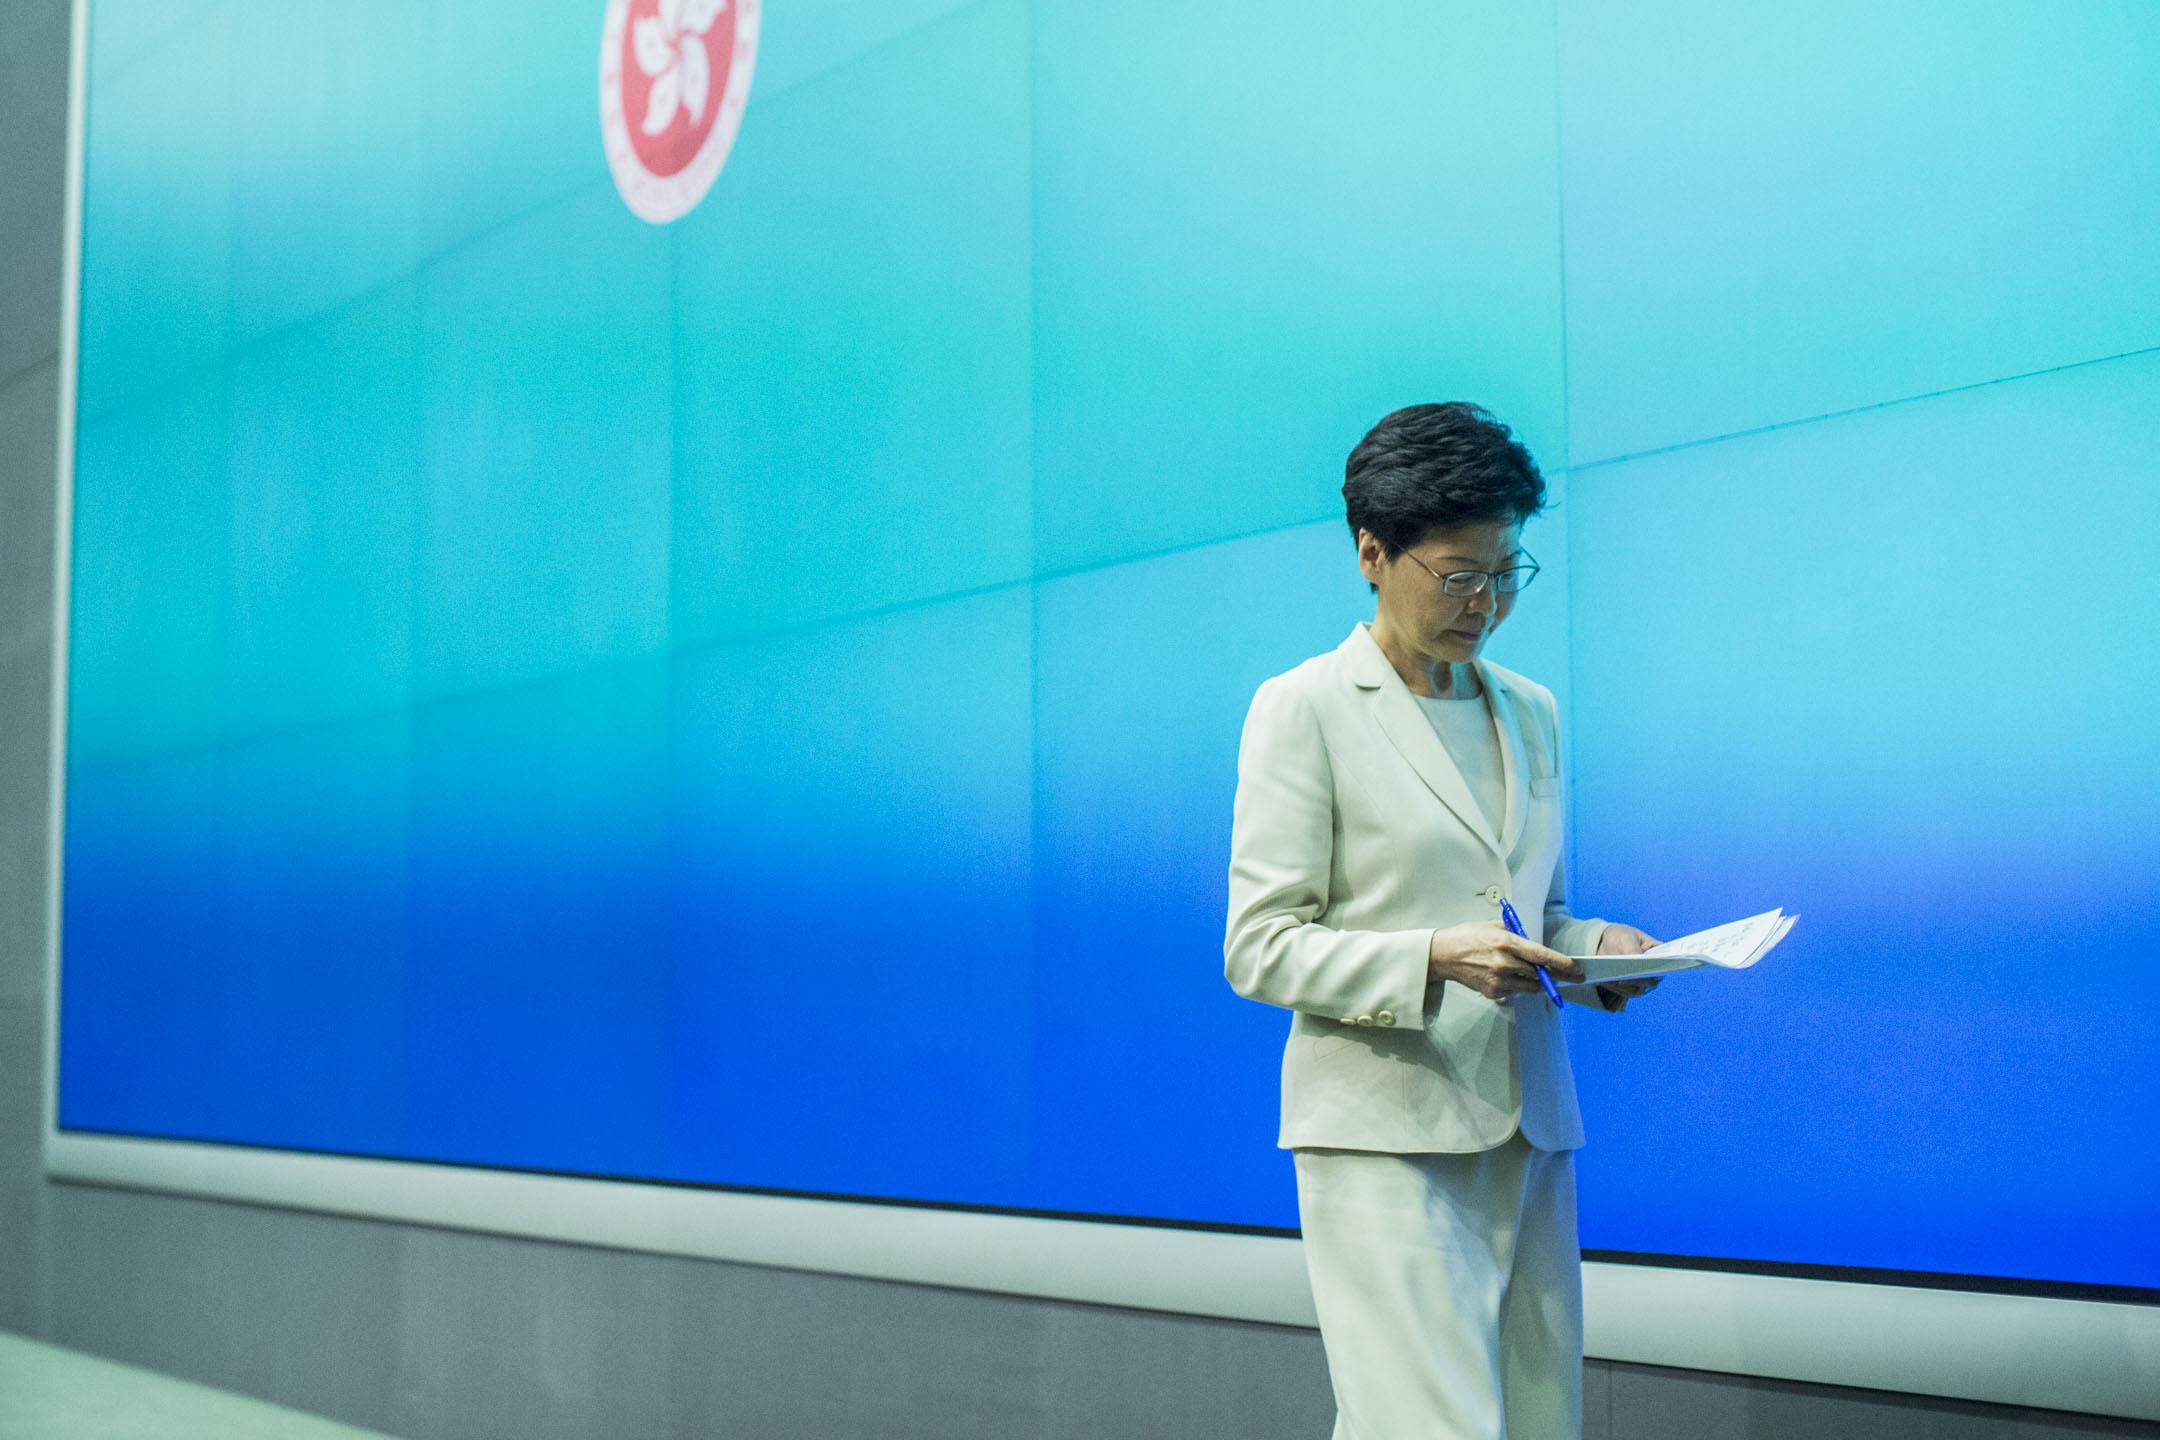 2019年6月18日,林鄭月娥在政府總部召開記者會,期間表示向每一名市民真誠道歉。 攝:林振東/端傳媒